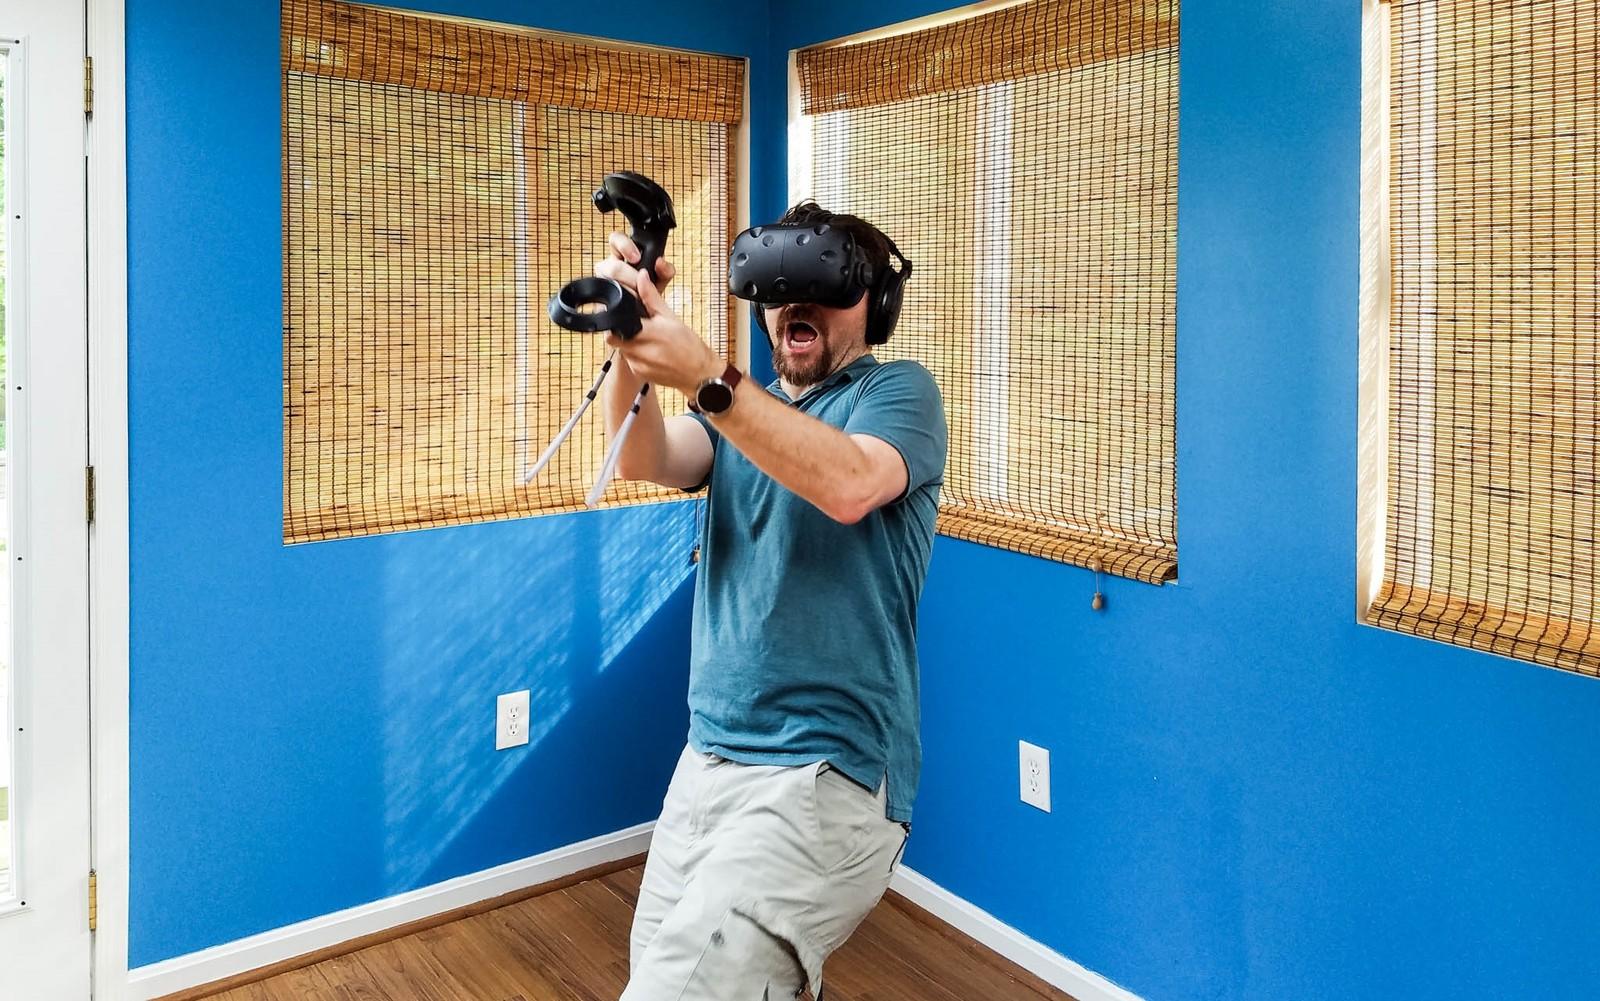 توهم محیط در عینک واقعیت مجازی